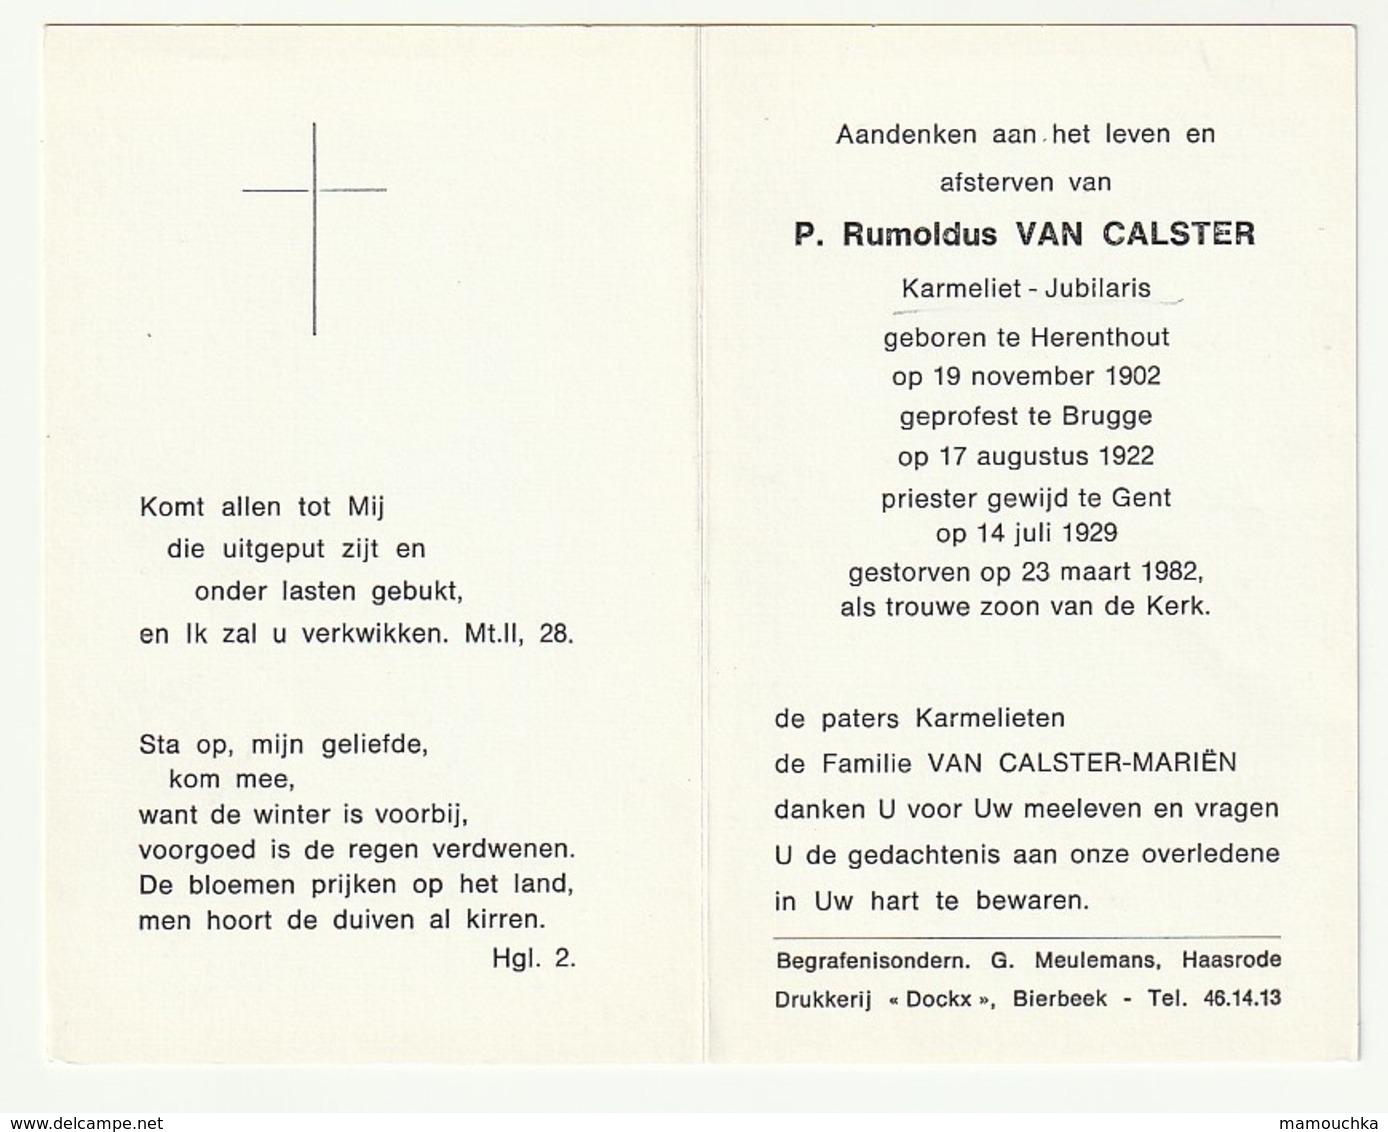 Doodsprentje P. Rumoldus VAN CALSTER Karmeliet Jubilaris Herenthout 1902 Priester Brugge Gent 1982 - Images Religieuses